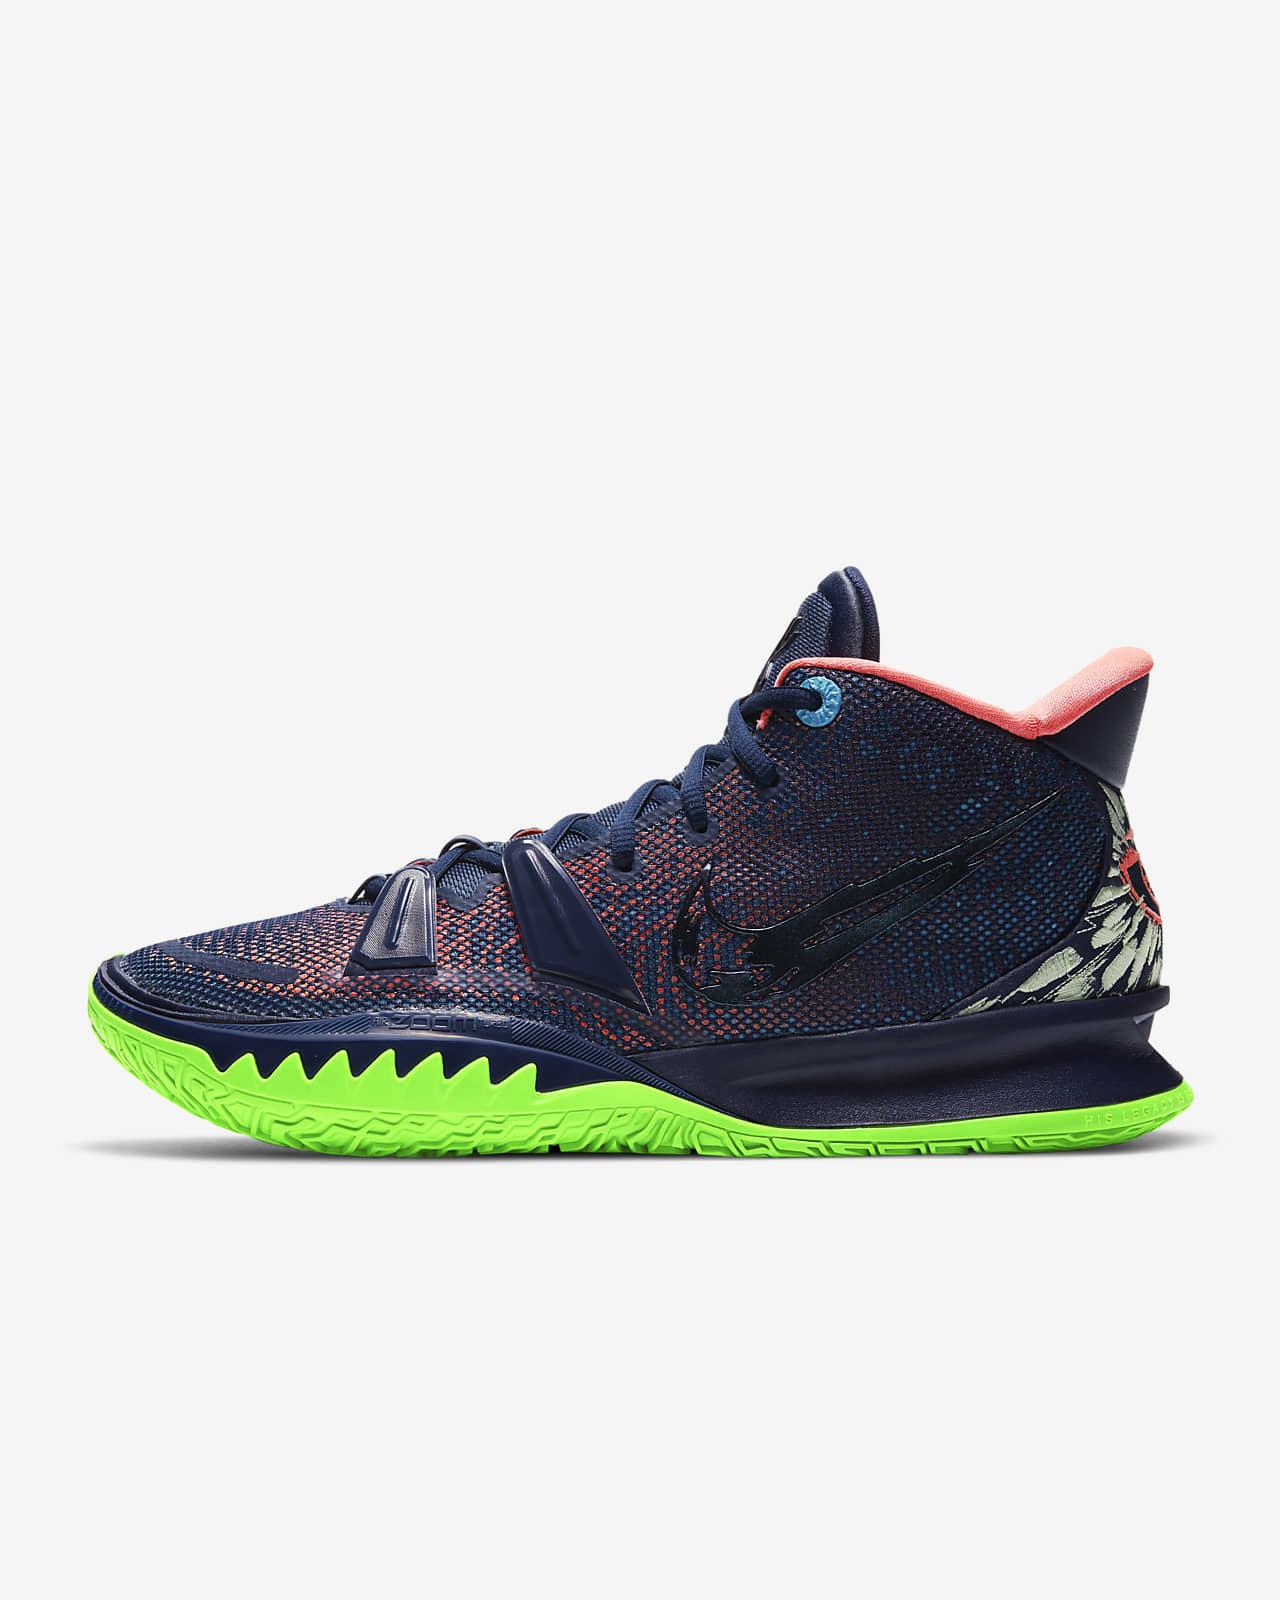 Chaussure de basketball Kyrie 7 «Samurai Ky»